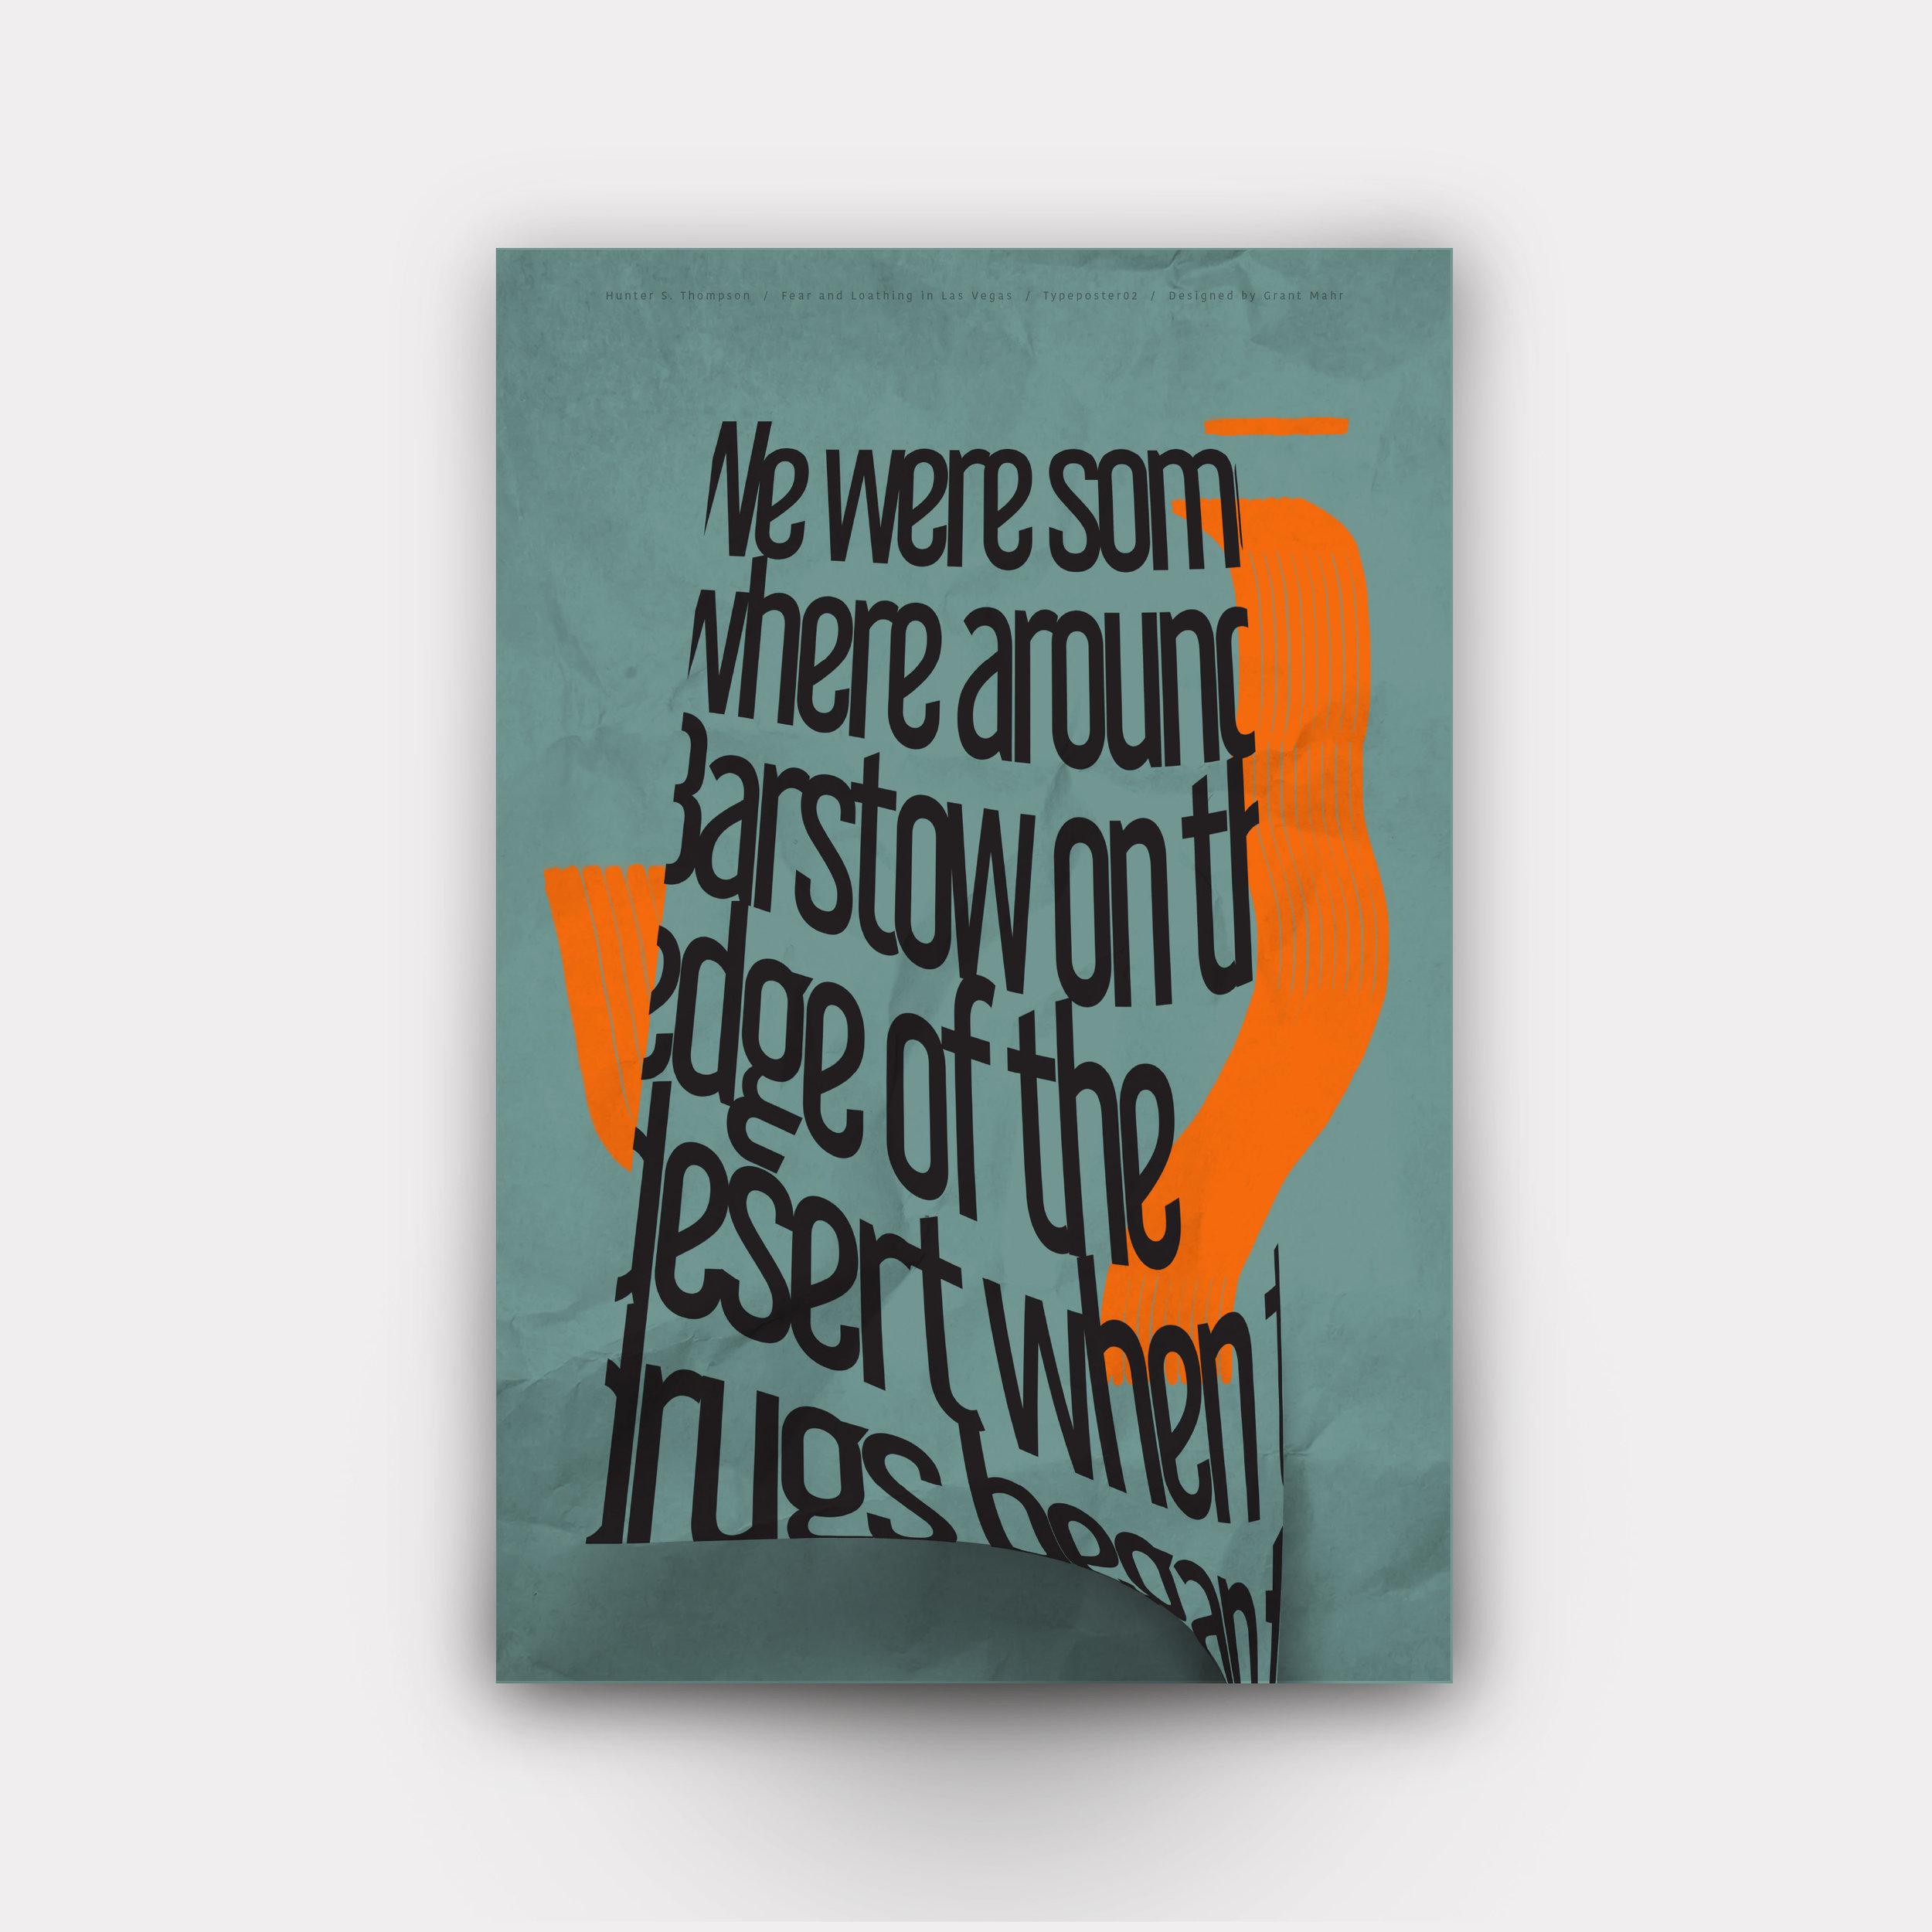 Mahr design_poster_insta.jpg